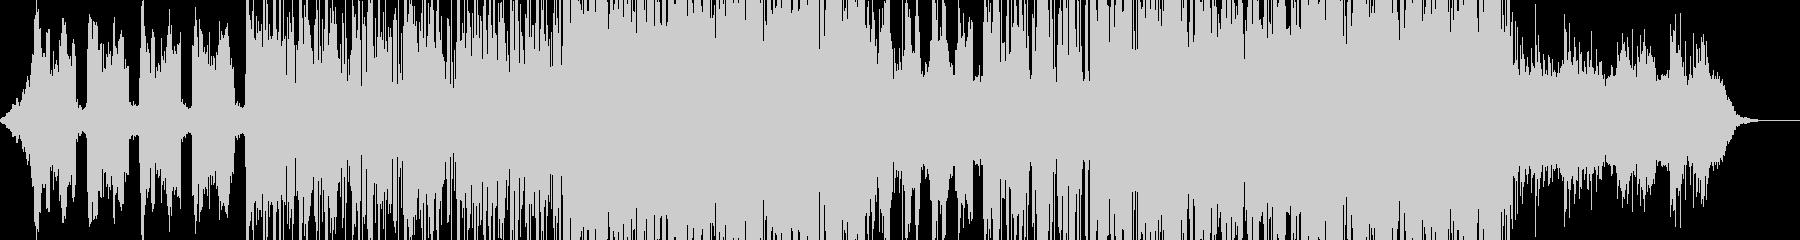 ピアノとシンセの感情的なエレクトロポップの未再生の波形